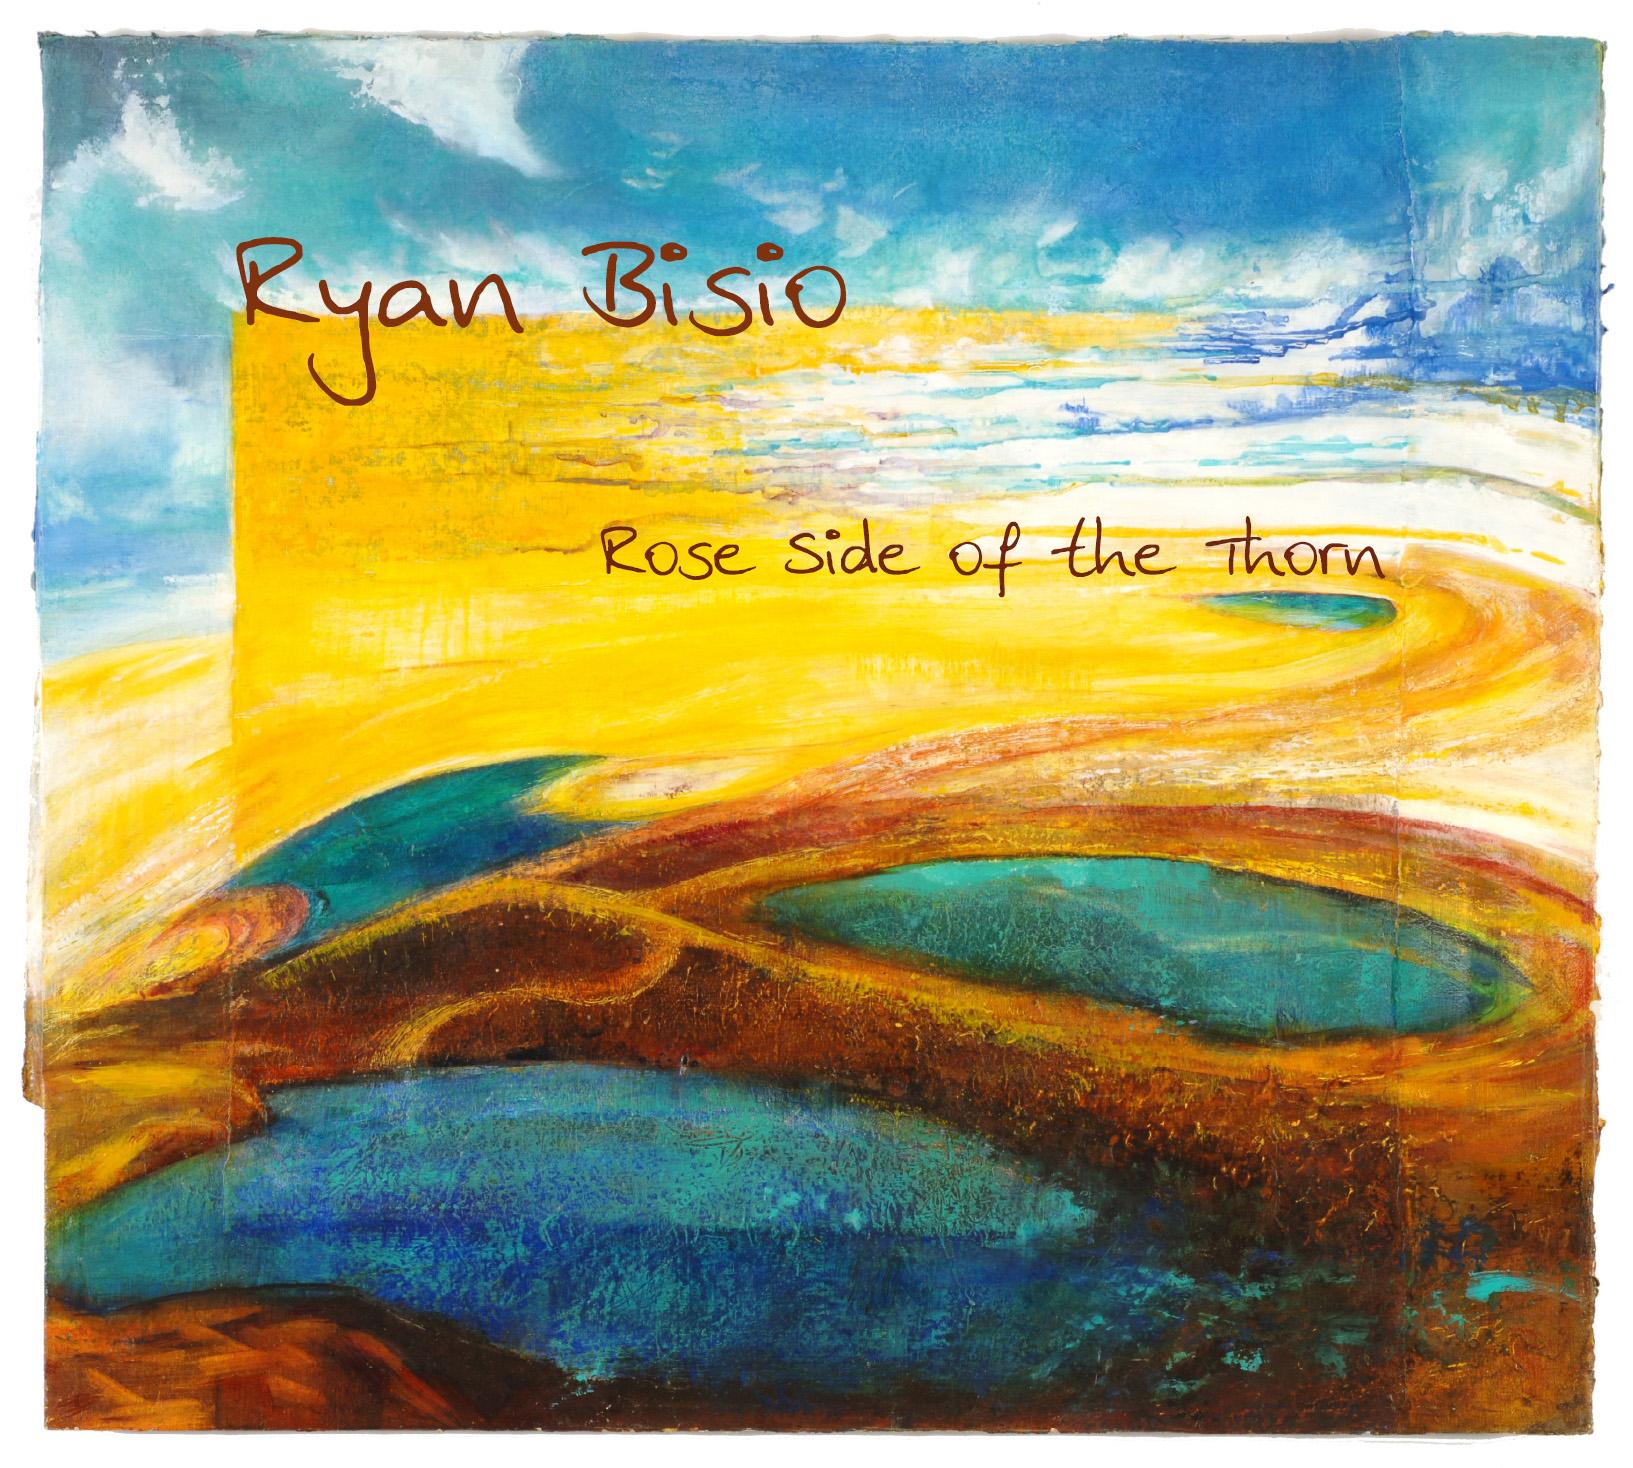 Rose_Album Cover.jpg